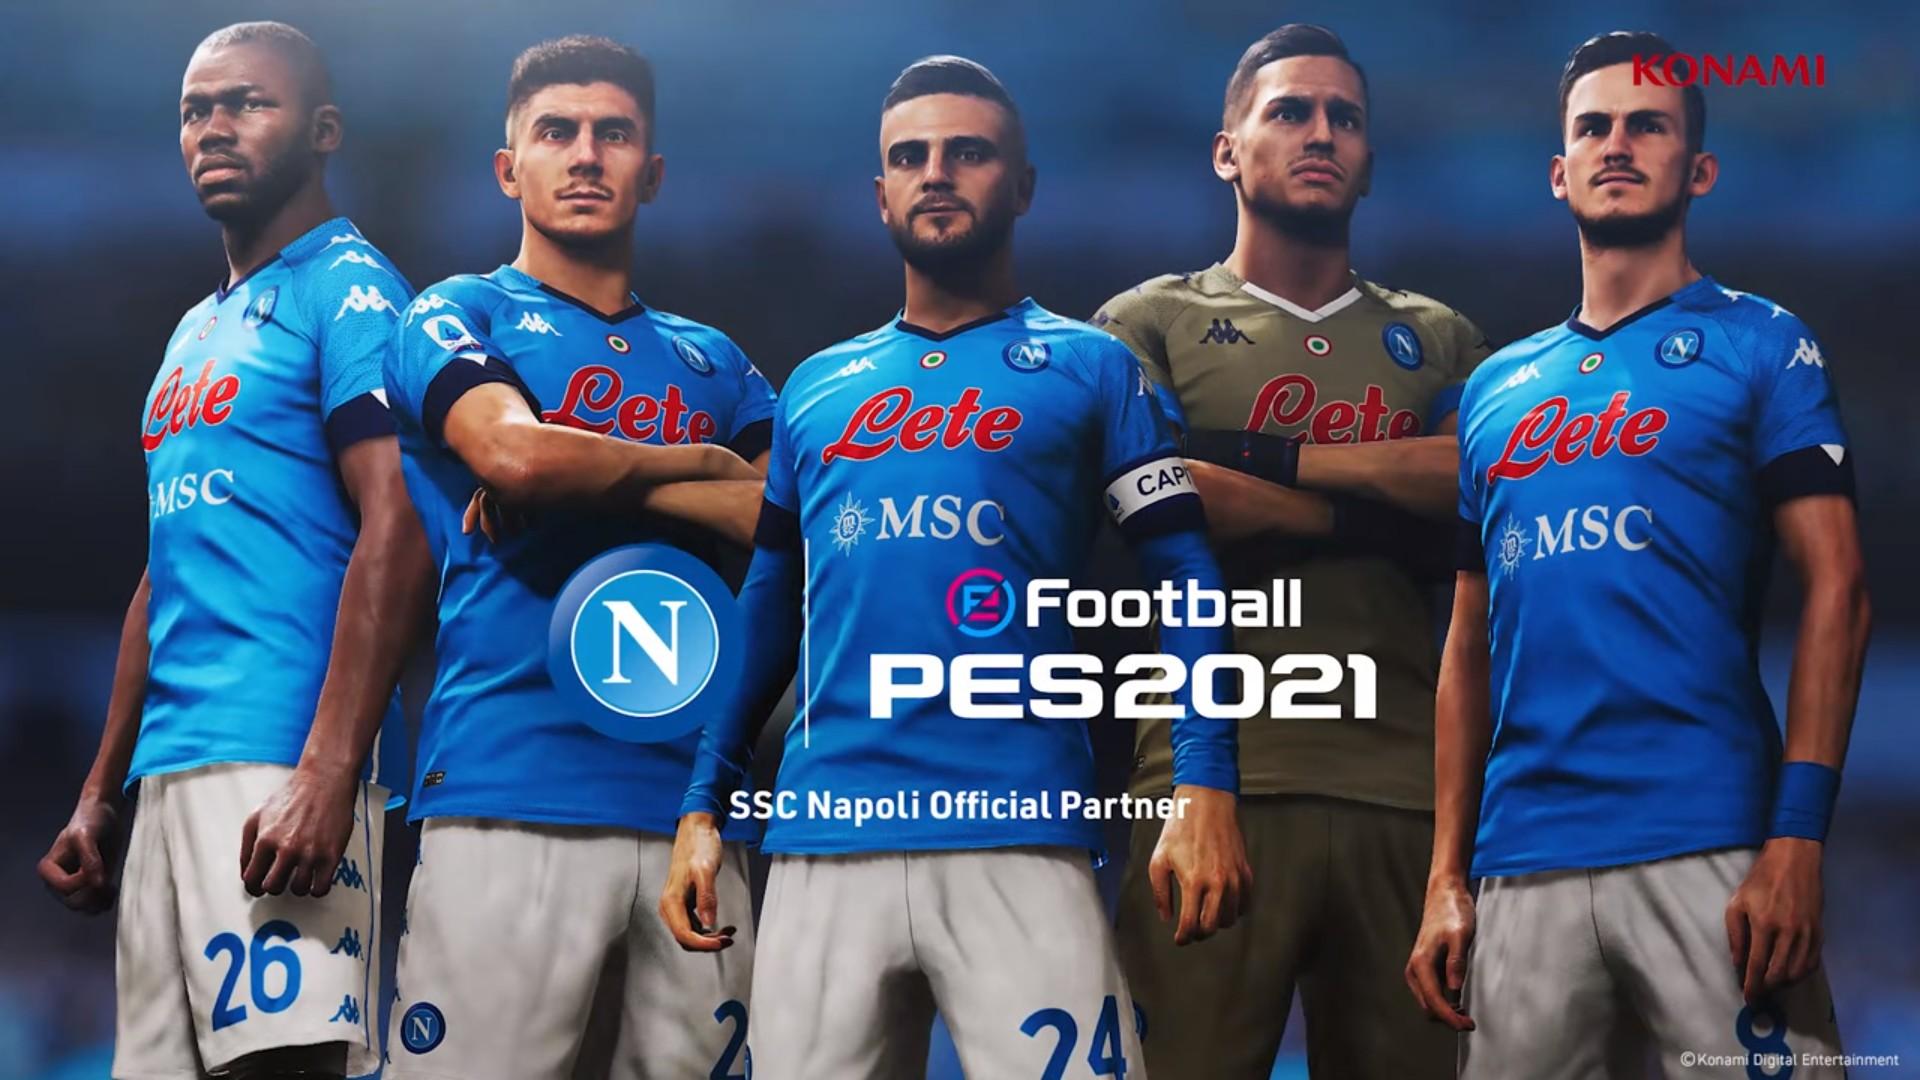 Konami x Napoli (football) 2021